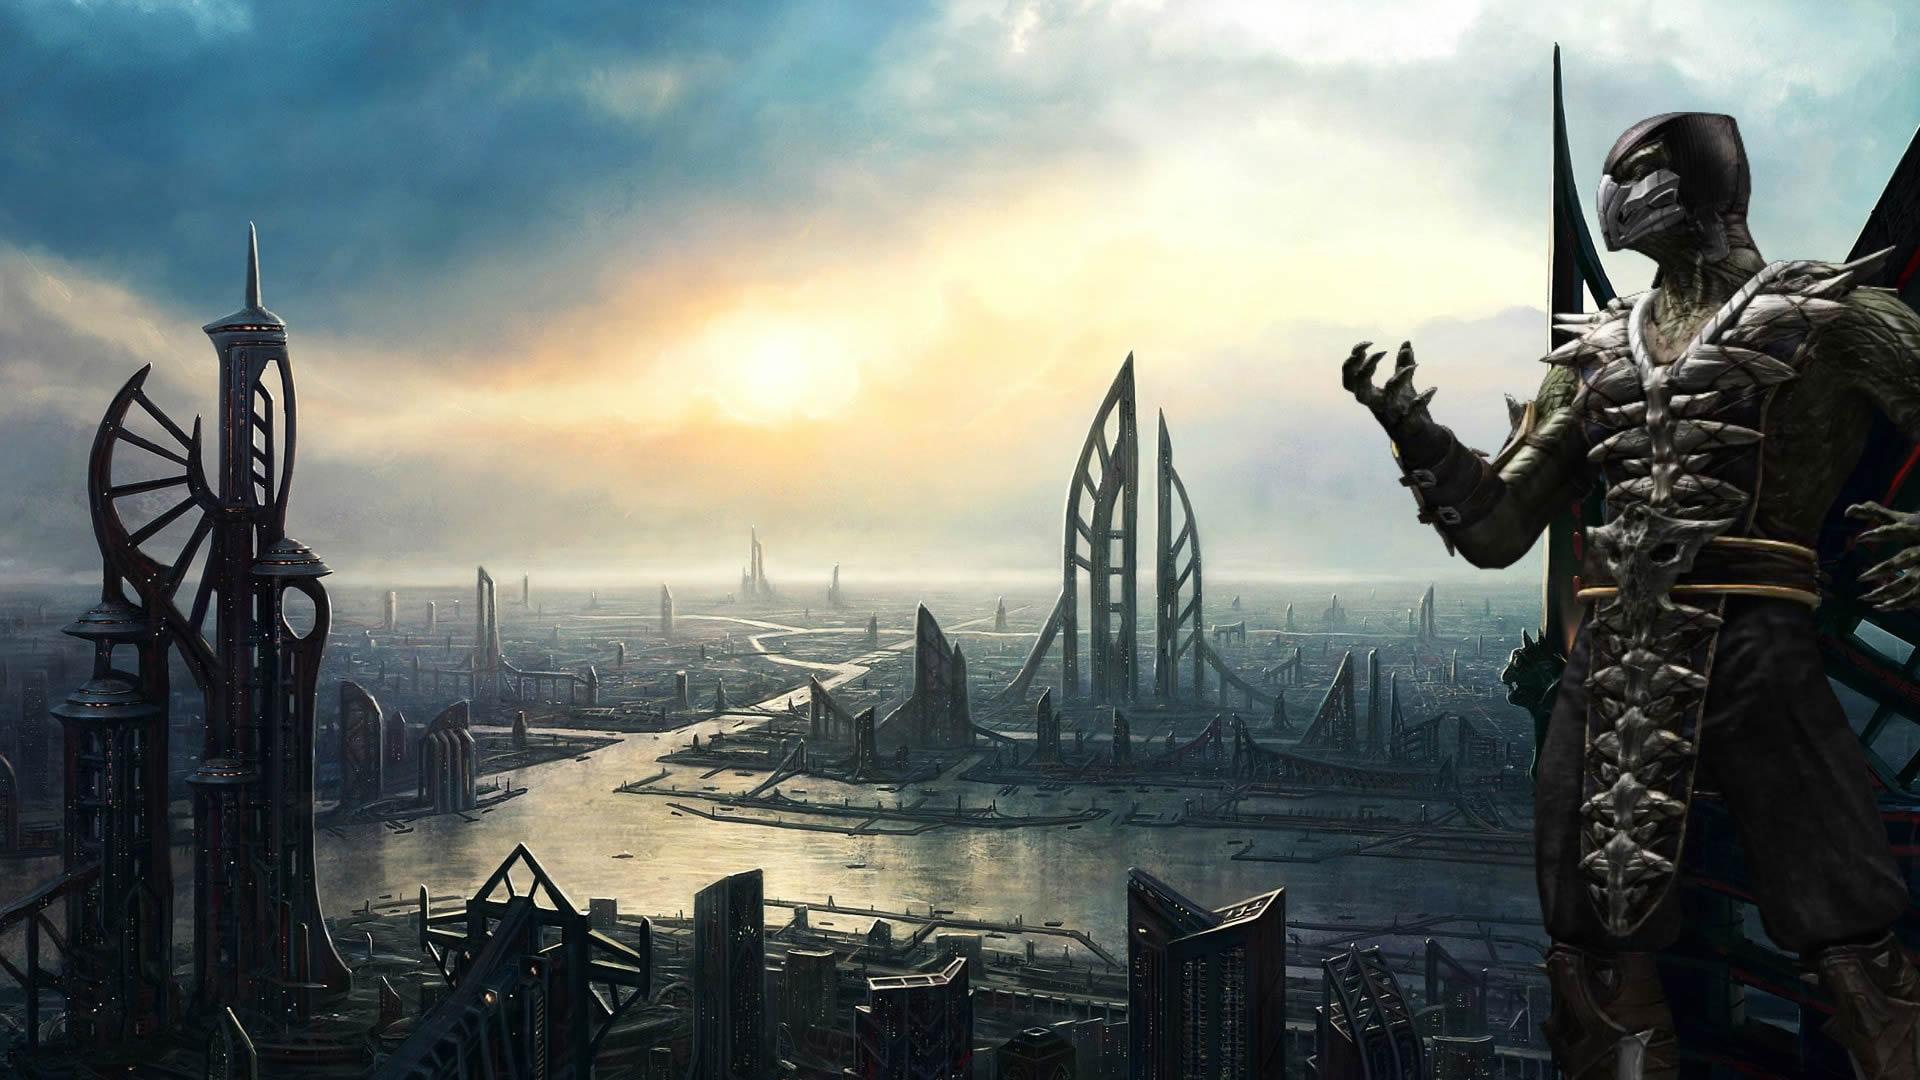 Hipótesis Siluriana: no seríamos la primera civilización avanzada en la Tierra (VÍDEO)